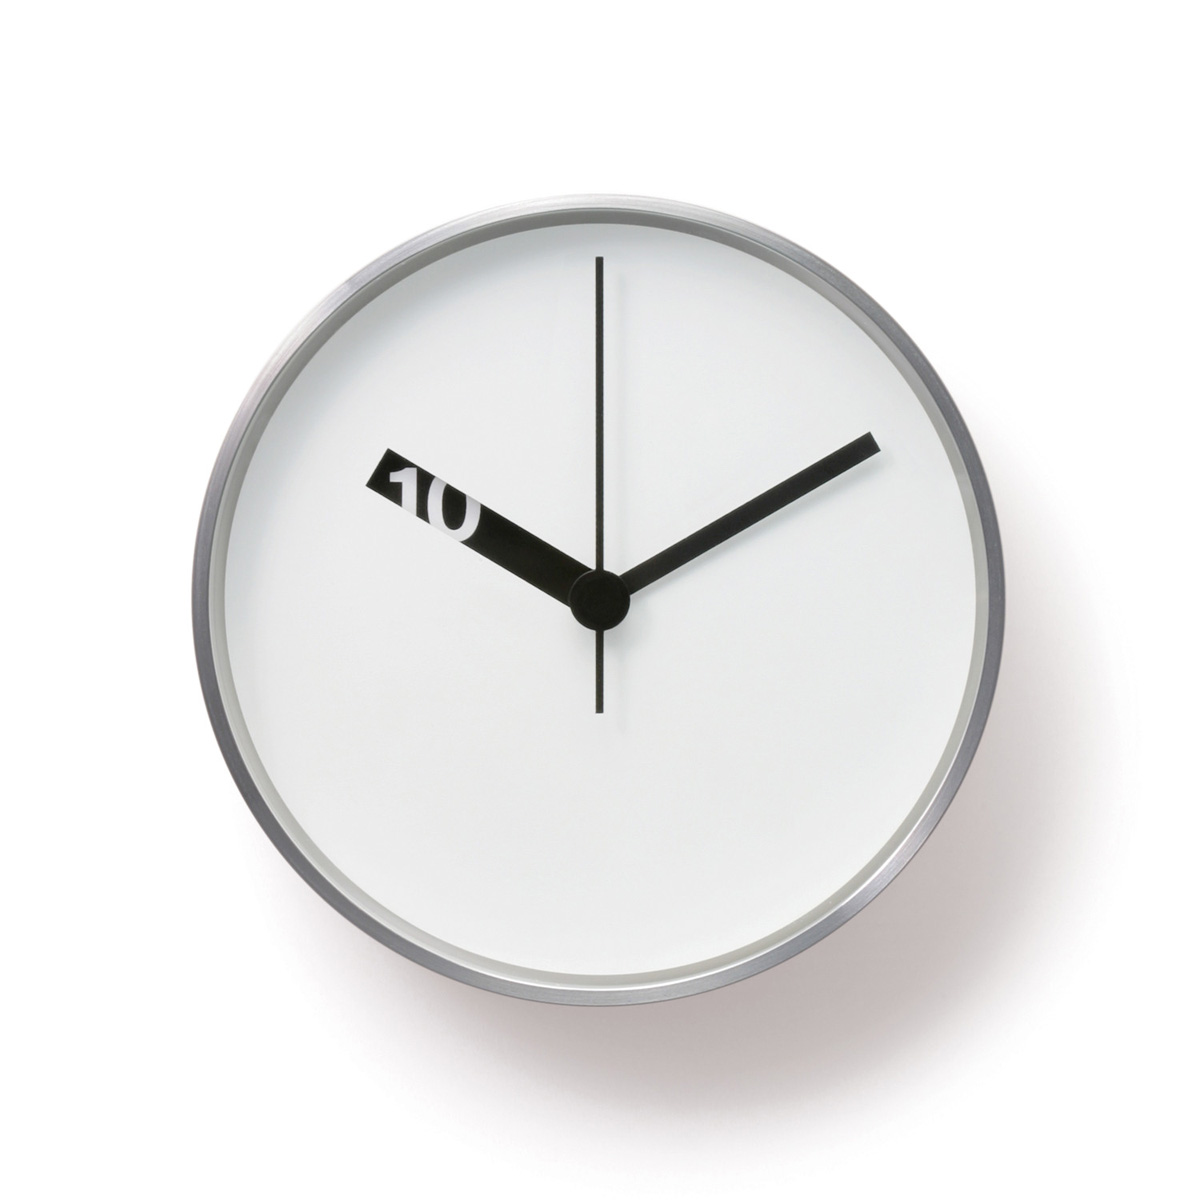 Ross Mcbride Extra Normal Wall Clock White Nova68